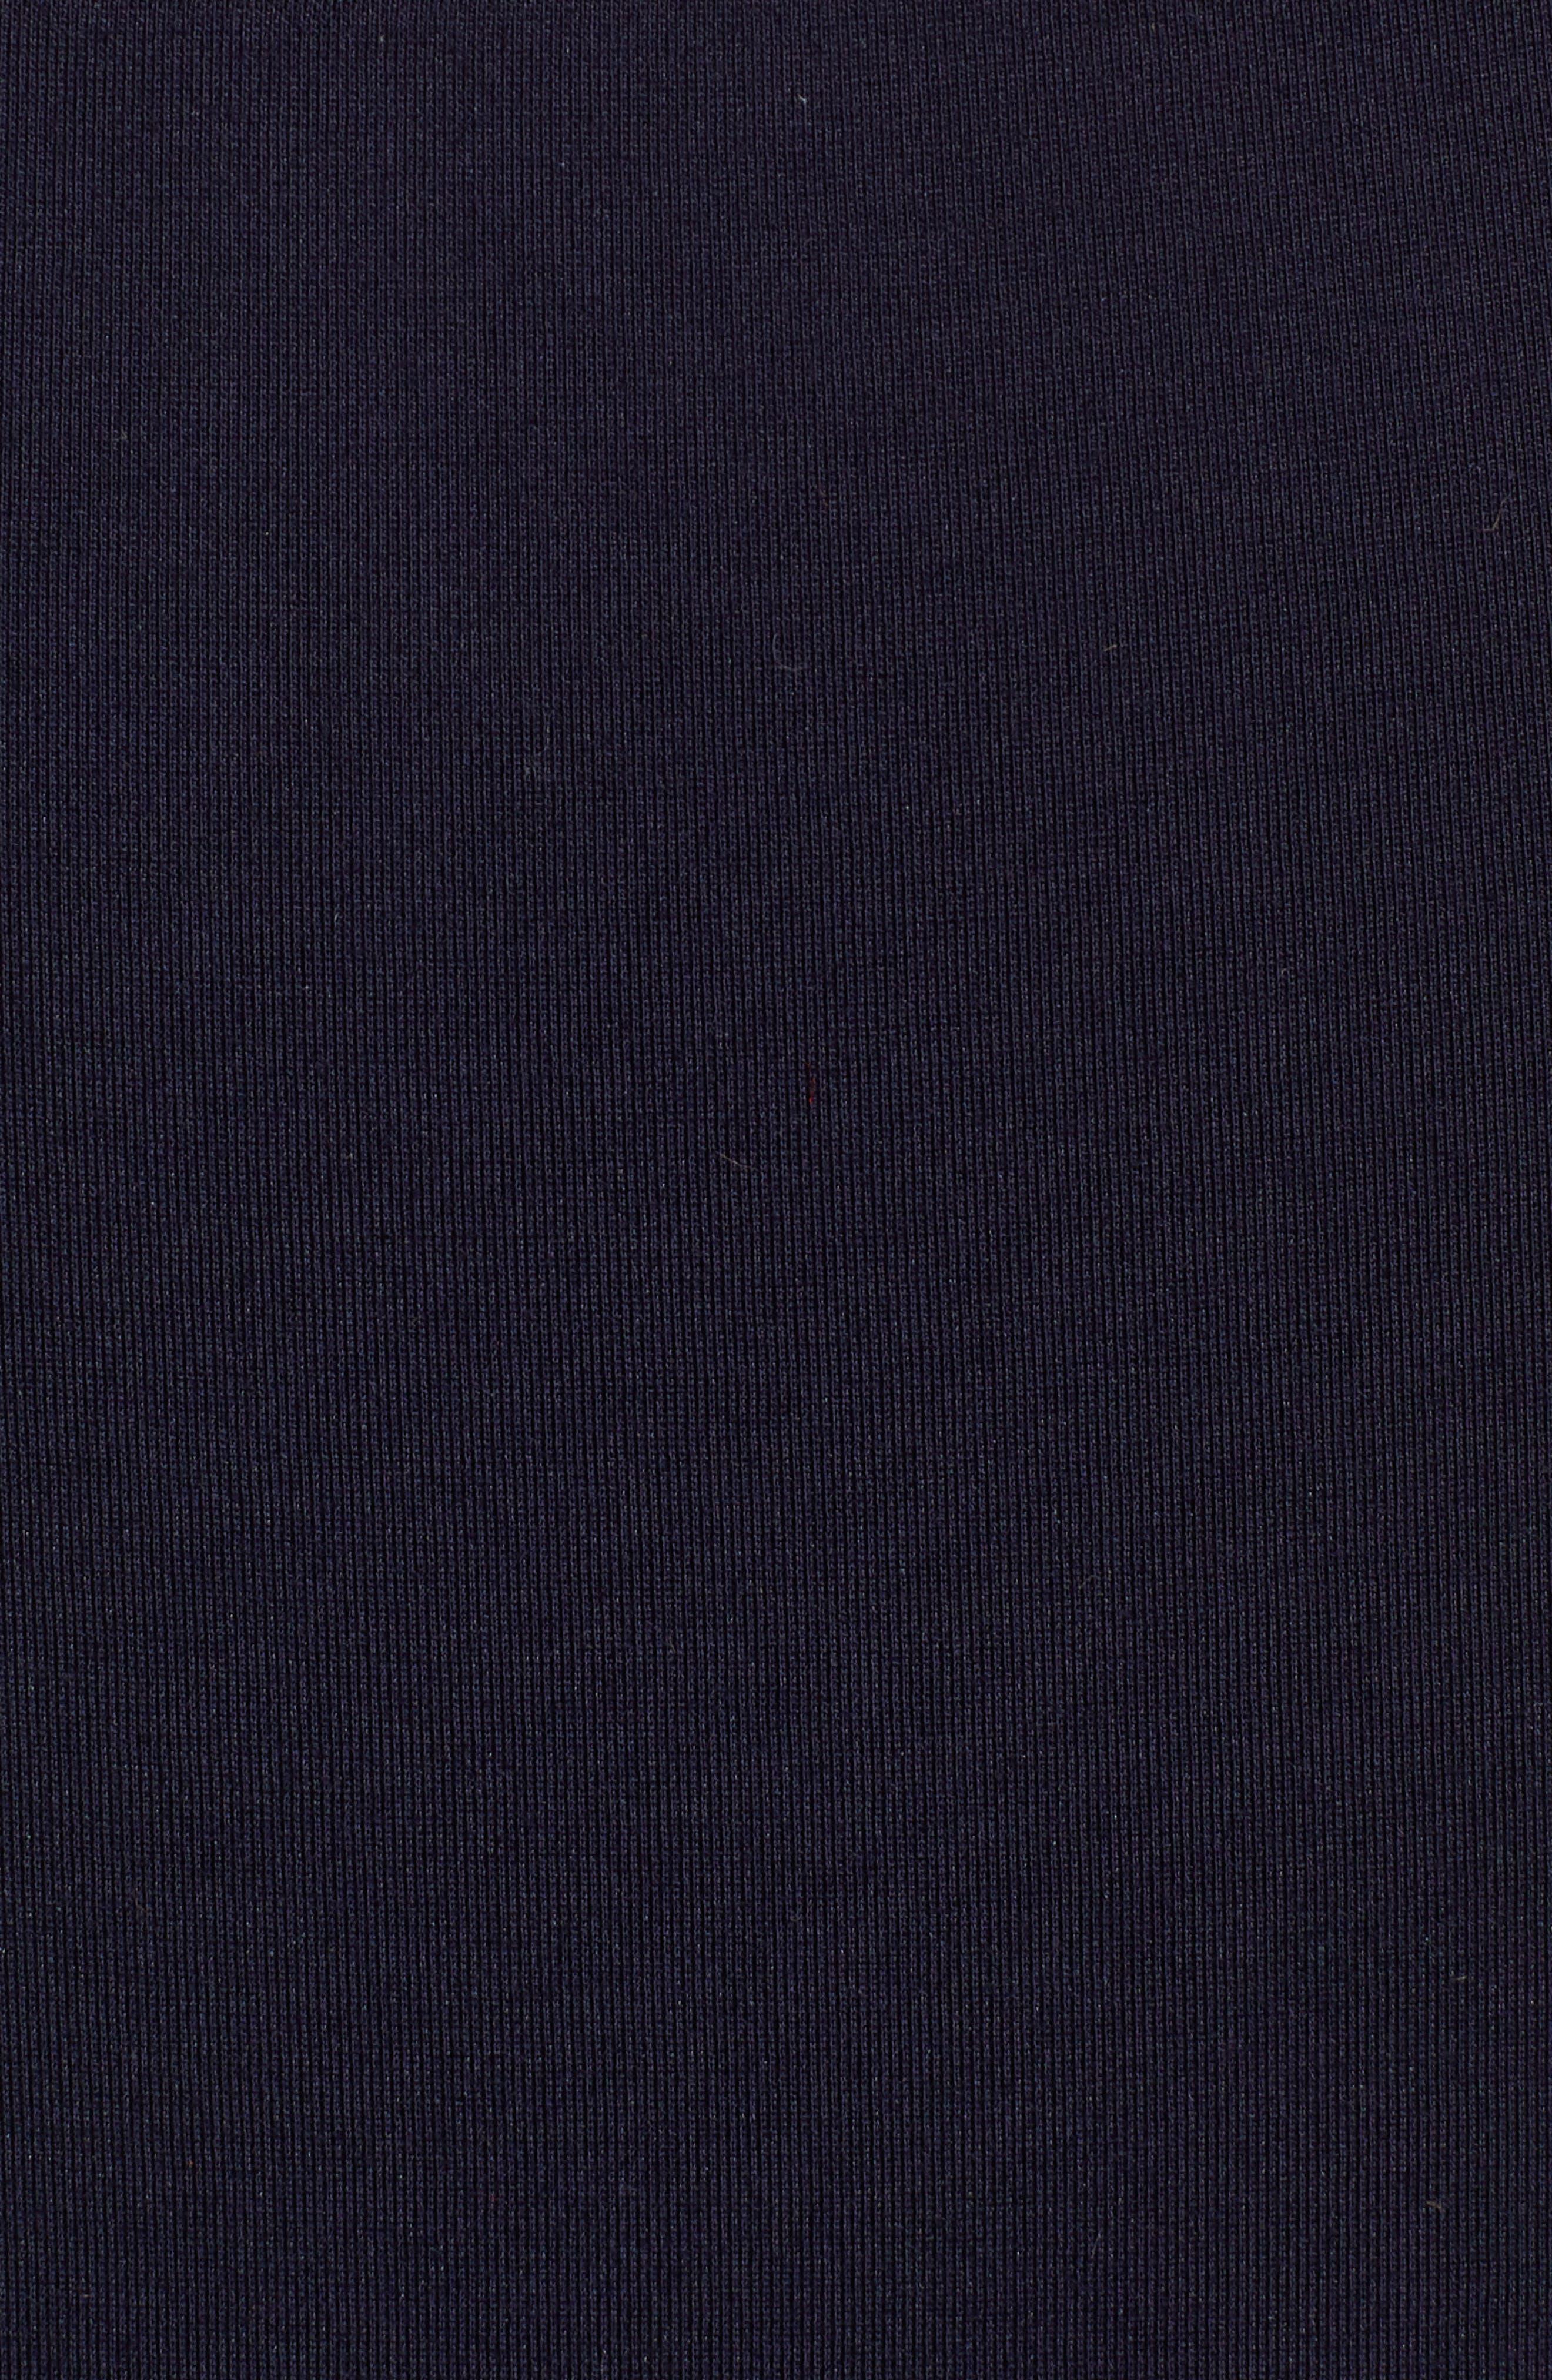 Galactica Body-Con Dress,                             Alternate thumbnail 6, color,                             NAVY